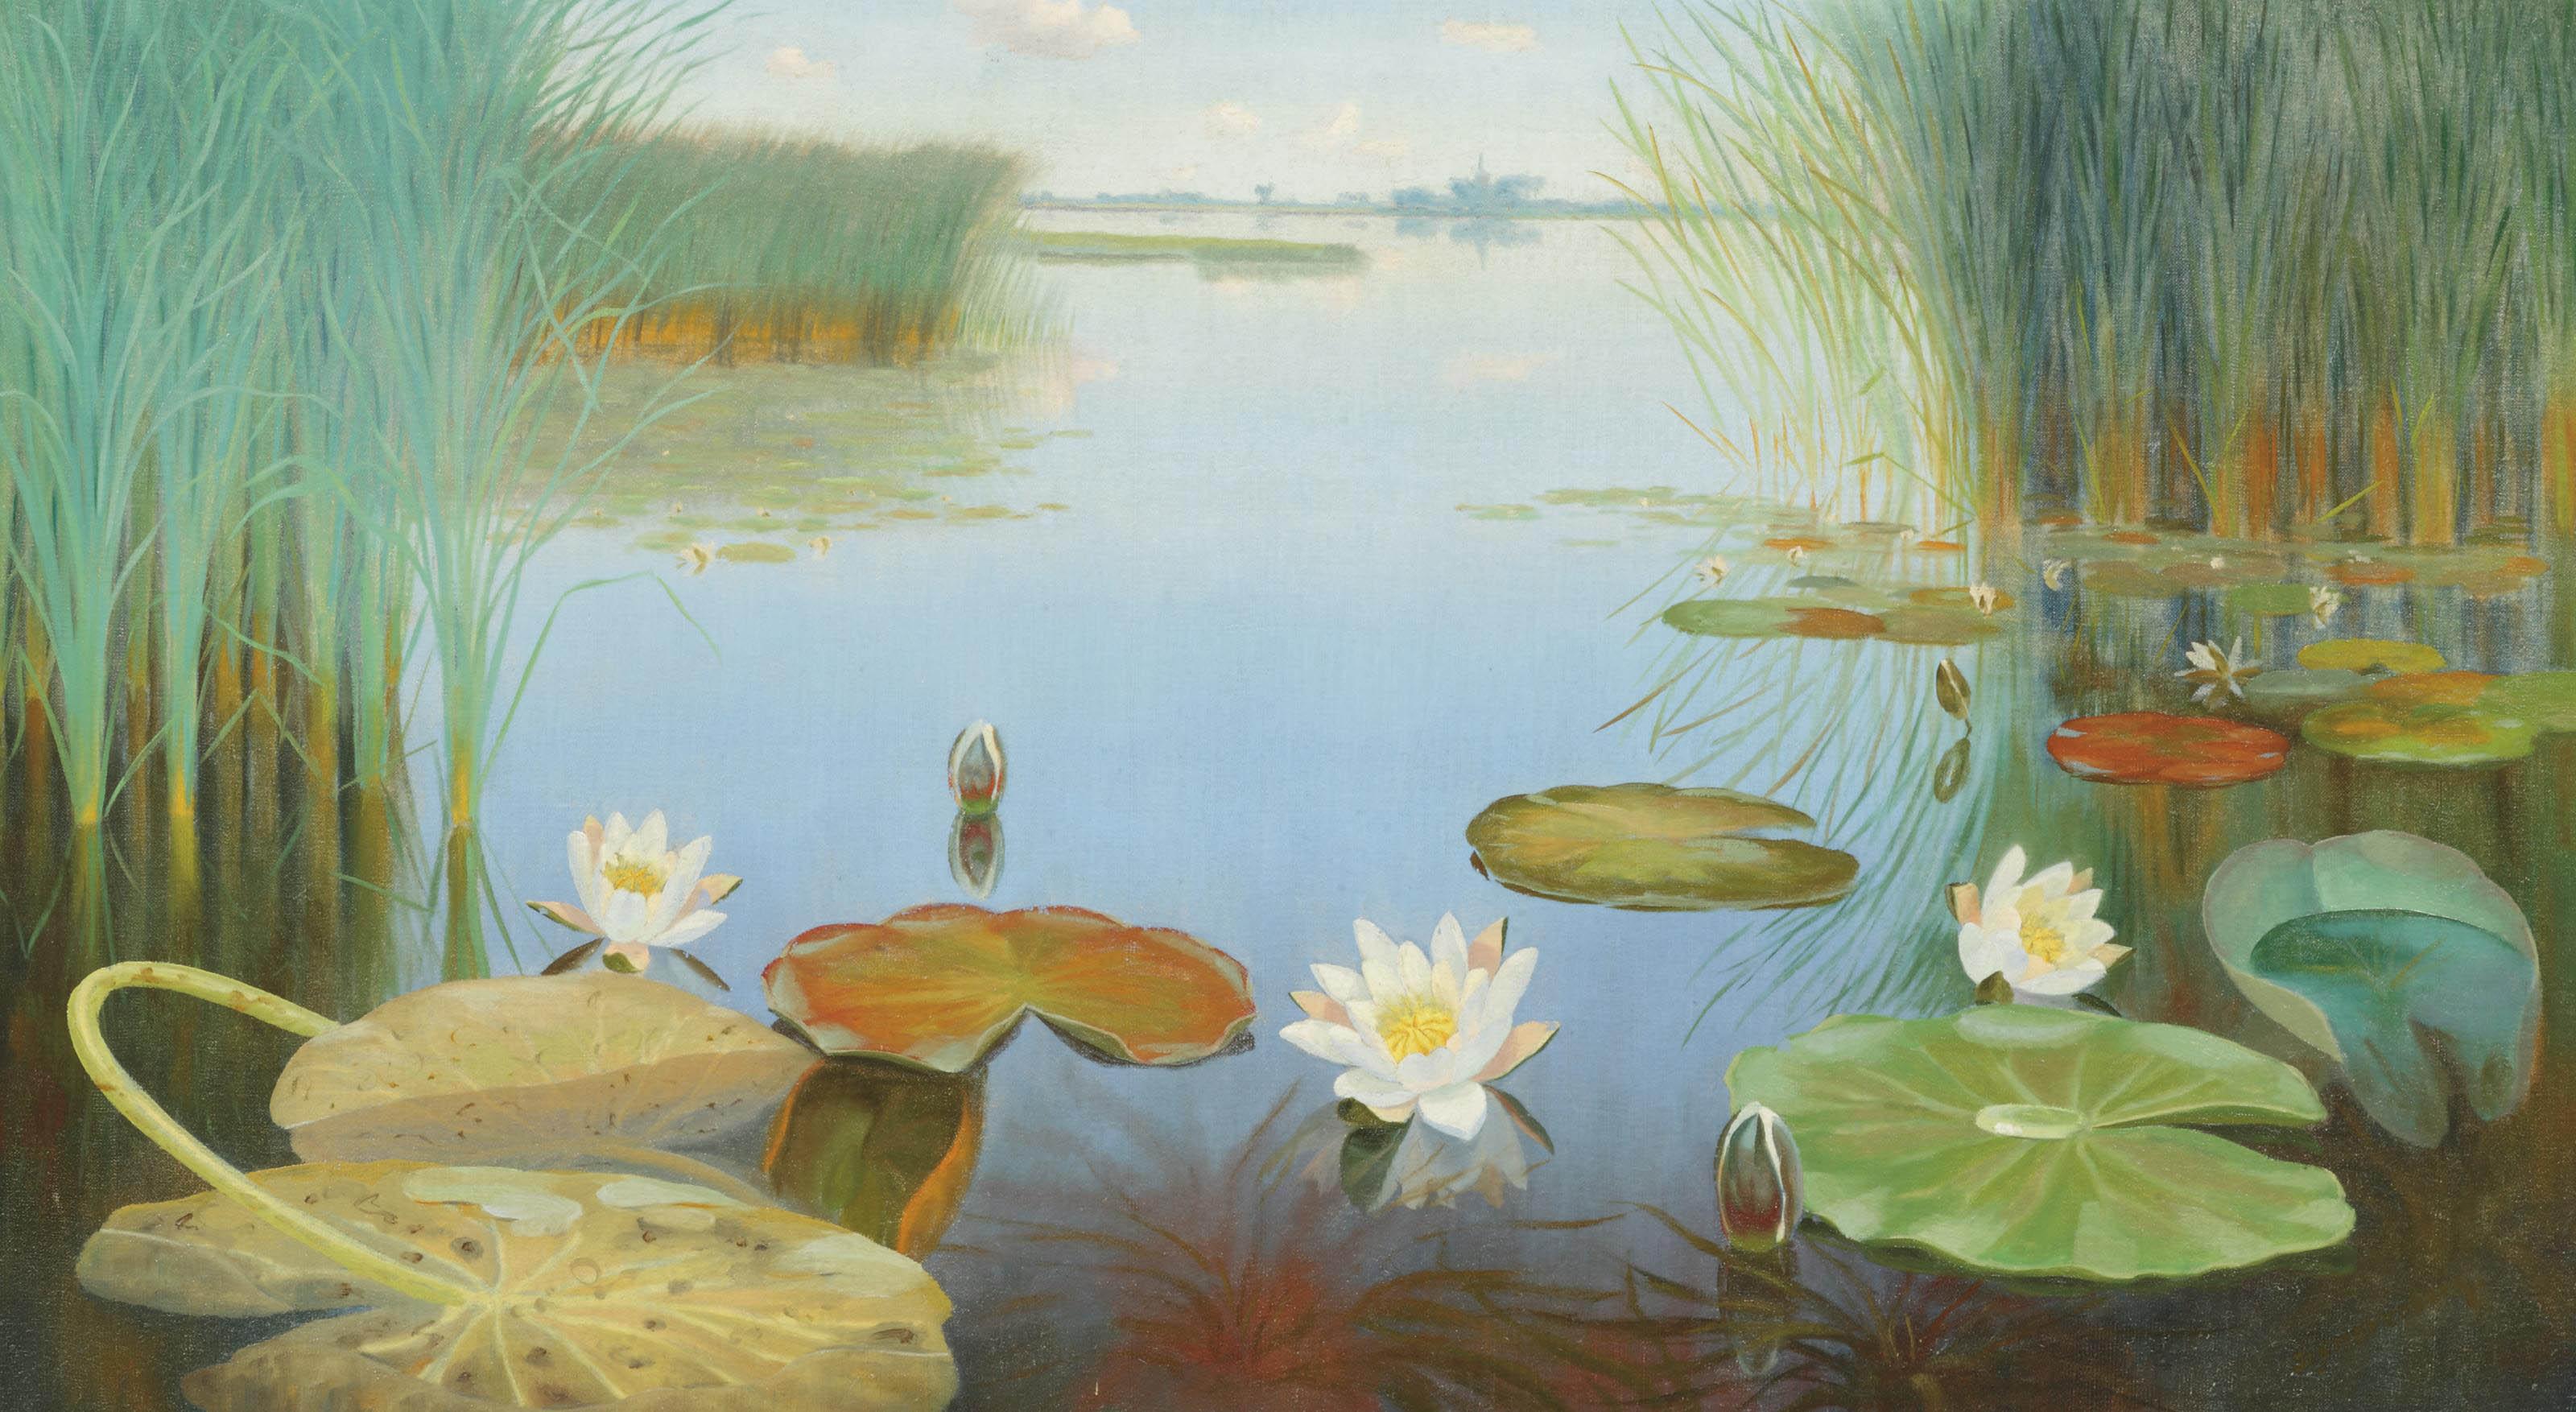 Water lilies in the Loosdrechtse plassen